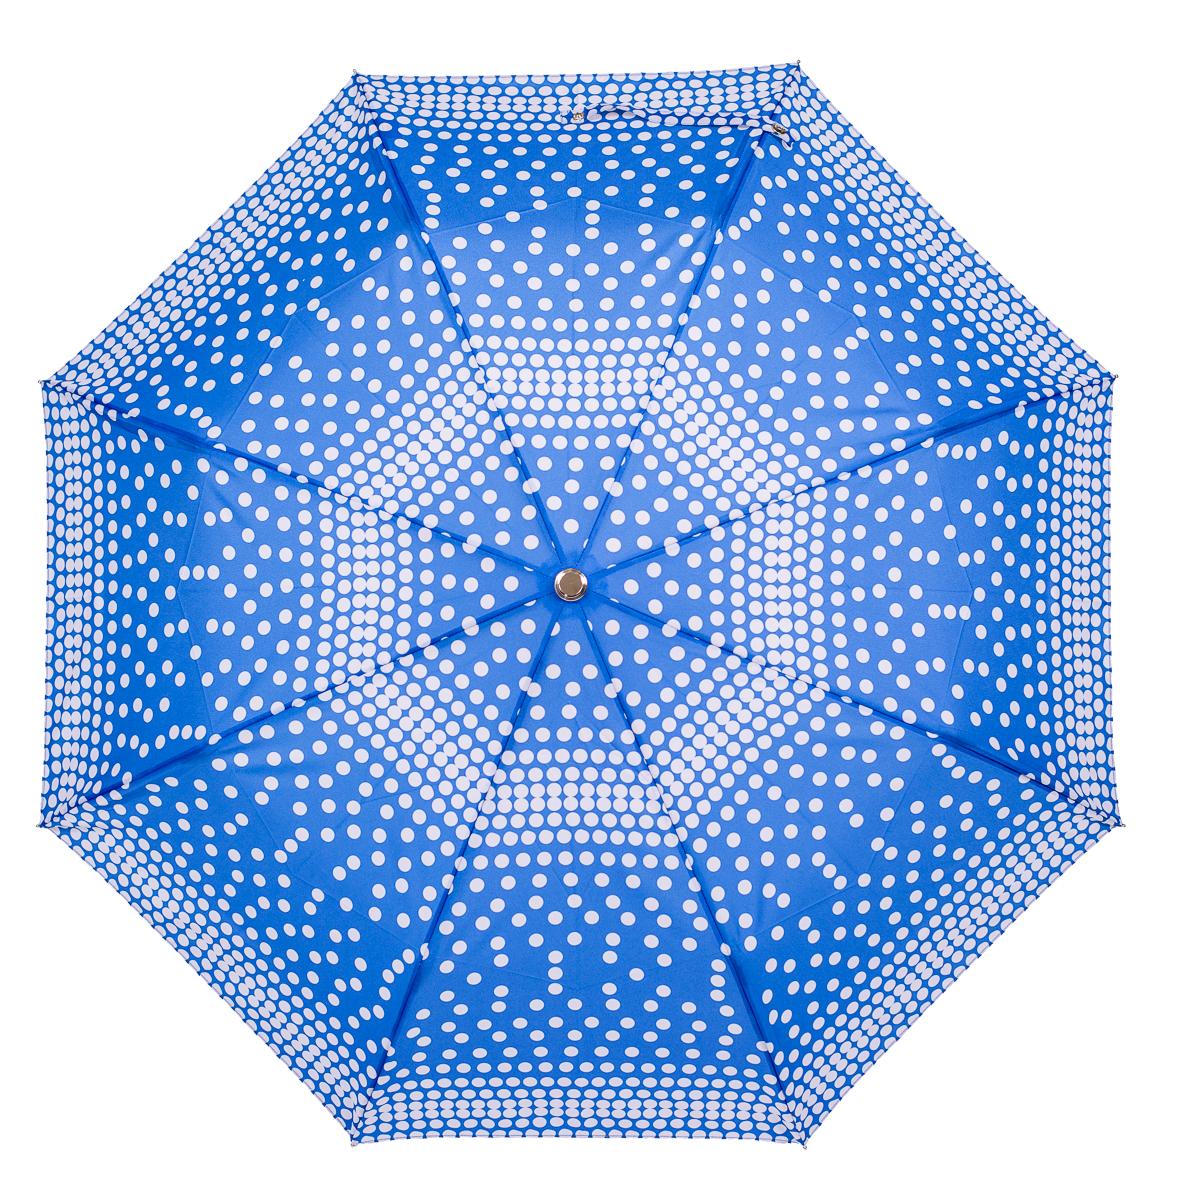 Зонт женский Stilla, цвет: синий. 775/1 miniCX1516-50-10Облегченный женский зонтик. Конструкция 3 сложения, полный автомат, облегченная конструкция (вес - 320 гр), система антиветер. Ткань - полиэстер. Диаметр купола - 112 см по верхней части, 101 см по нижней. Длина в сложенном состоянии - 27 см.